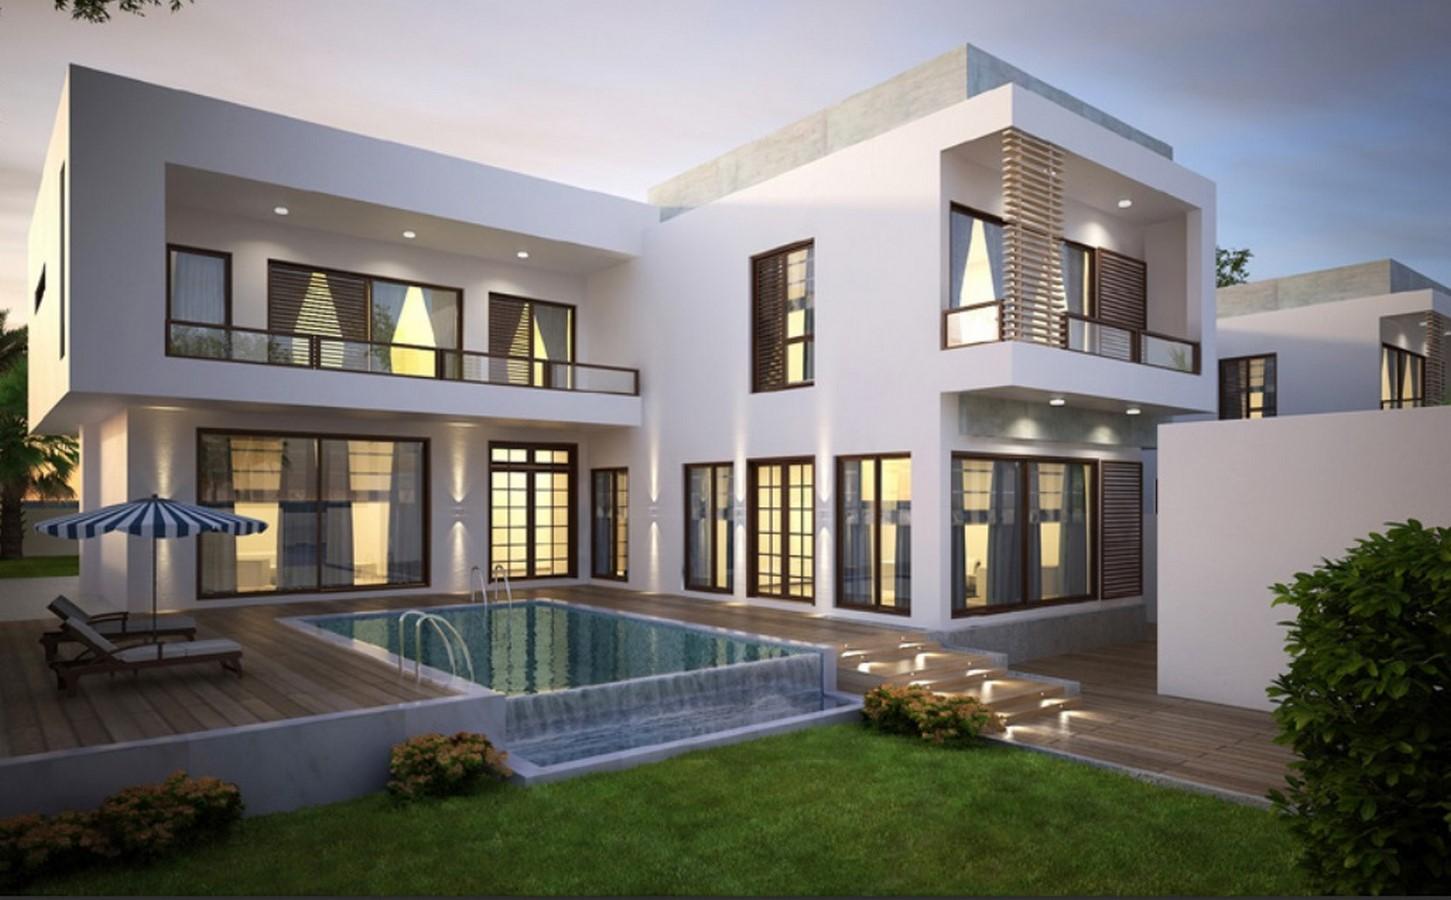 Top Architects in Dubai - Top 90 Architects in Dubai - Sheet7